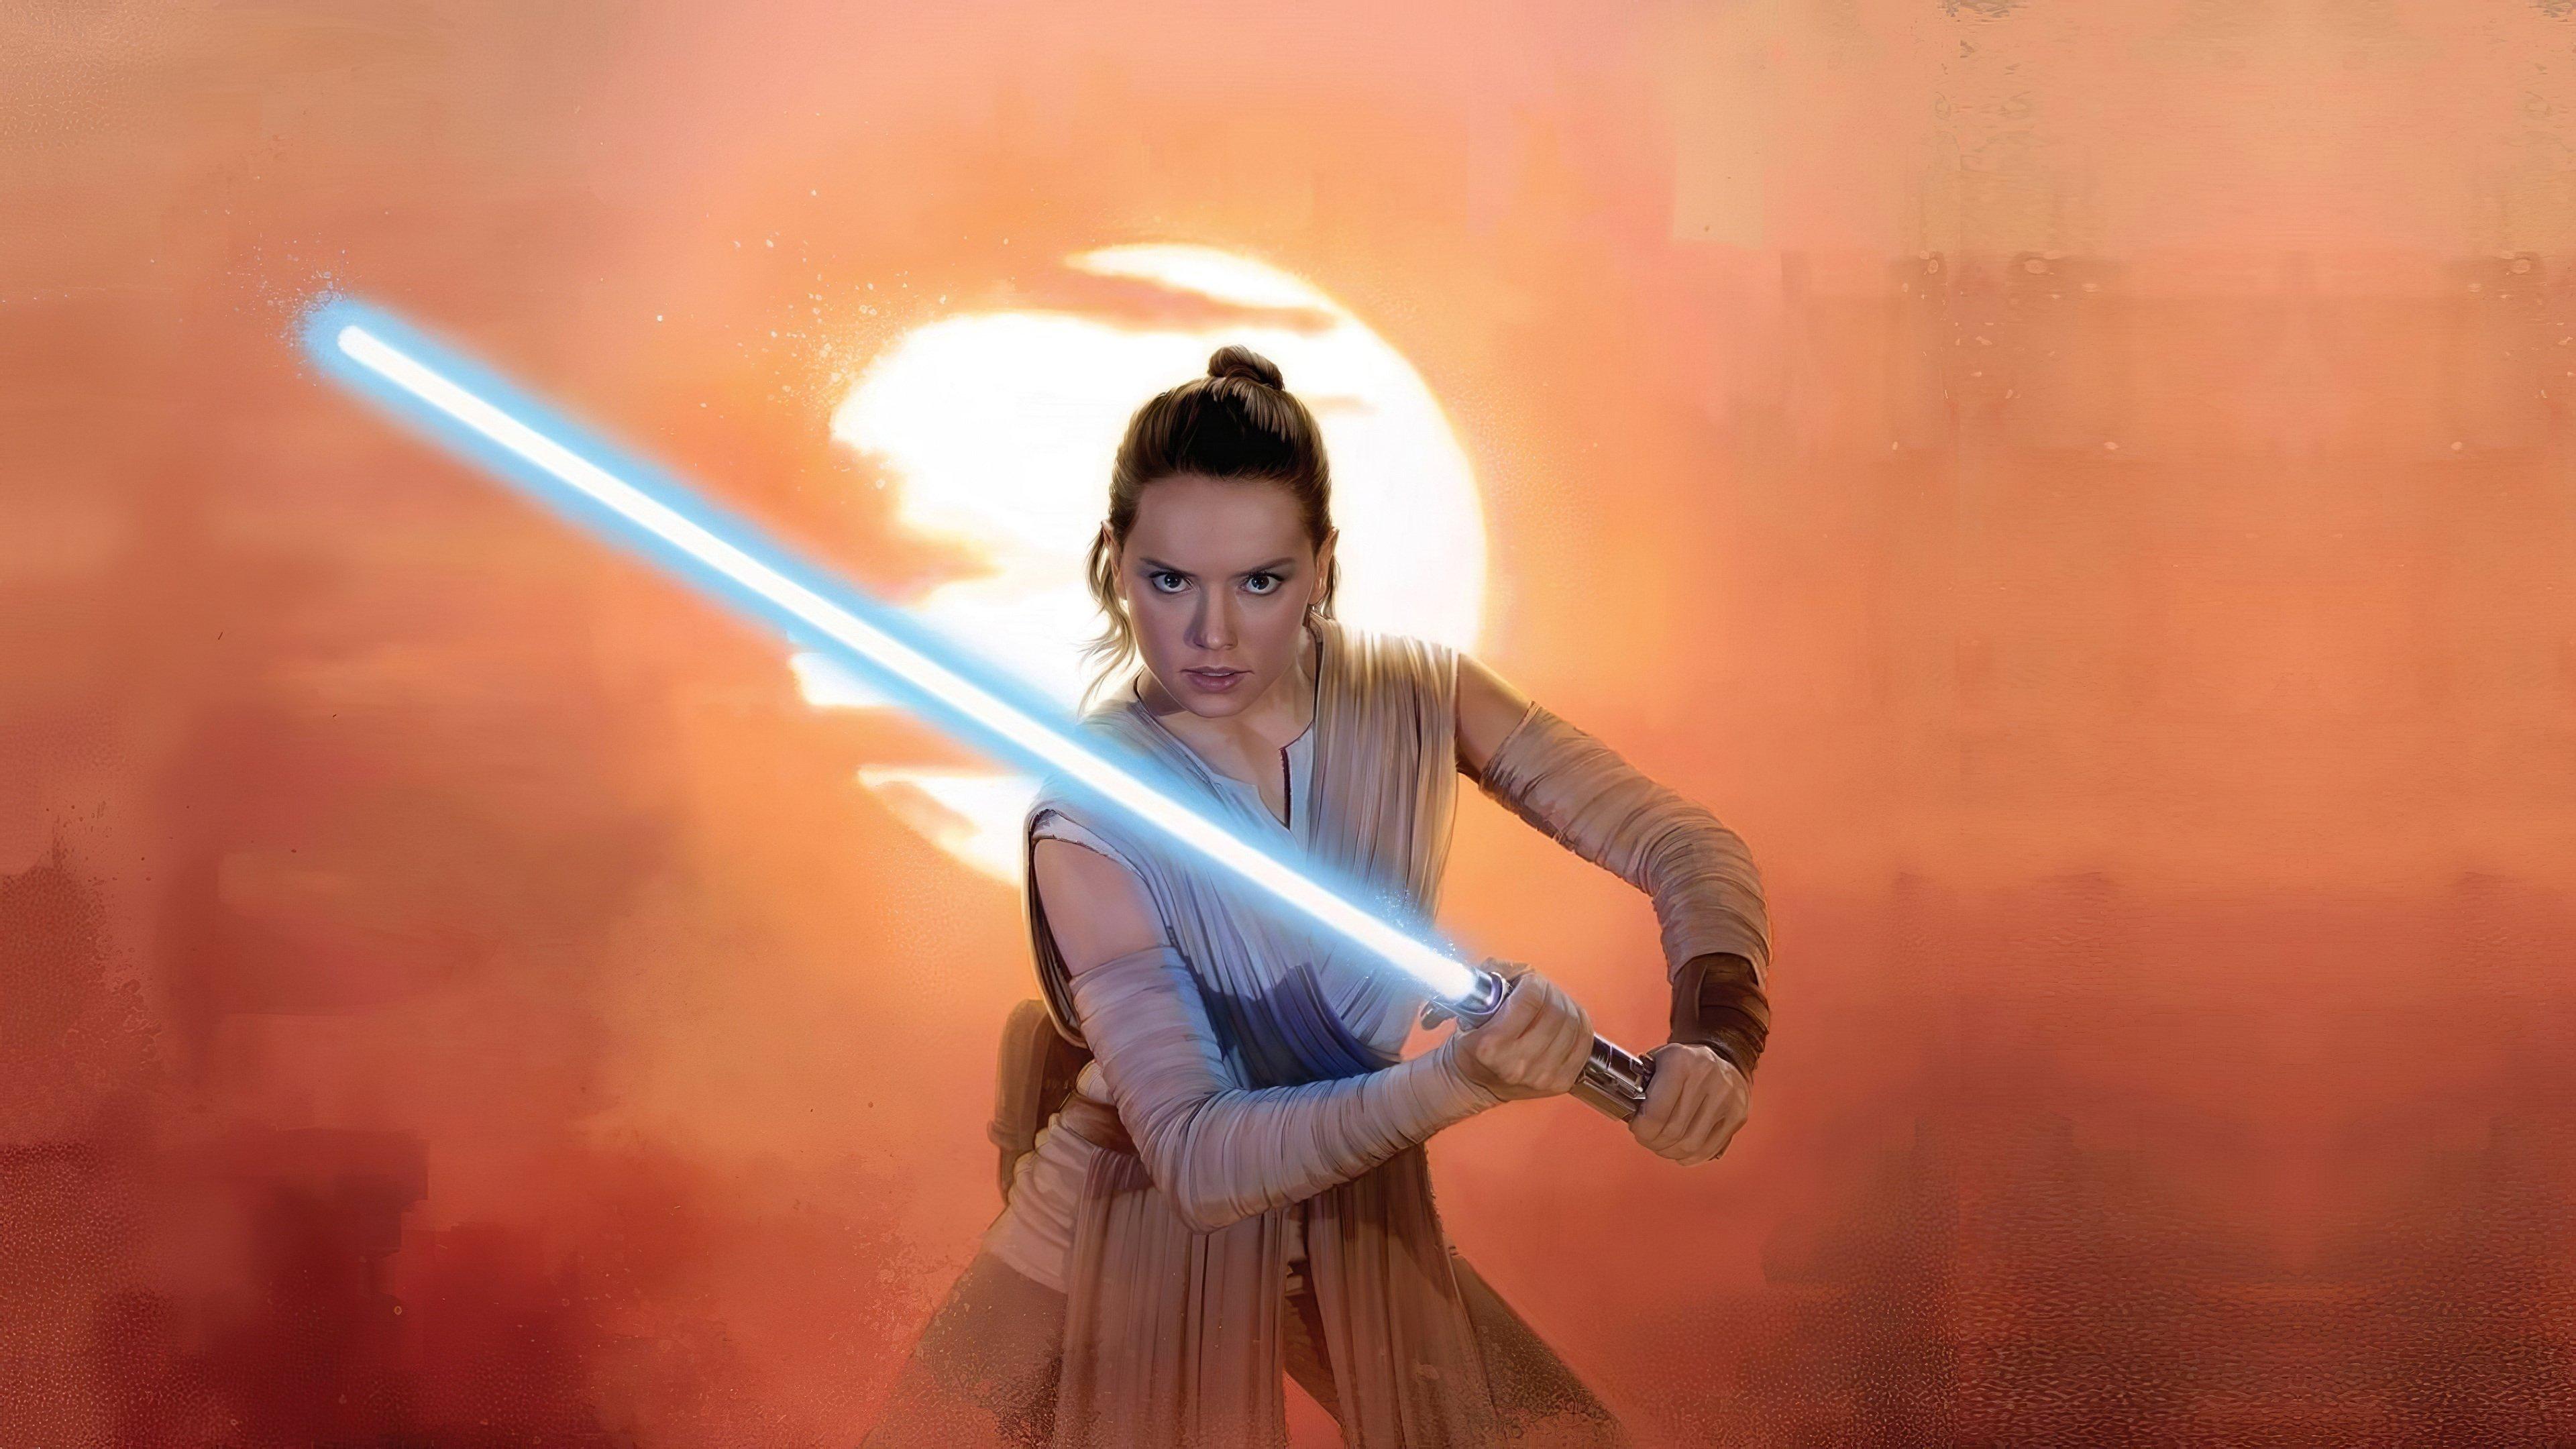 Fondos de pantalla Rey con Sable de luz de Star wars el ascenso del skywalker